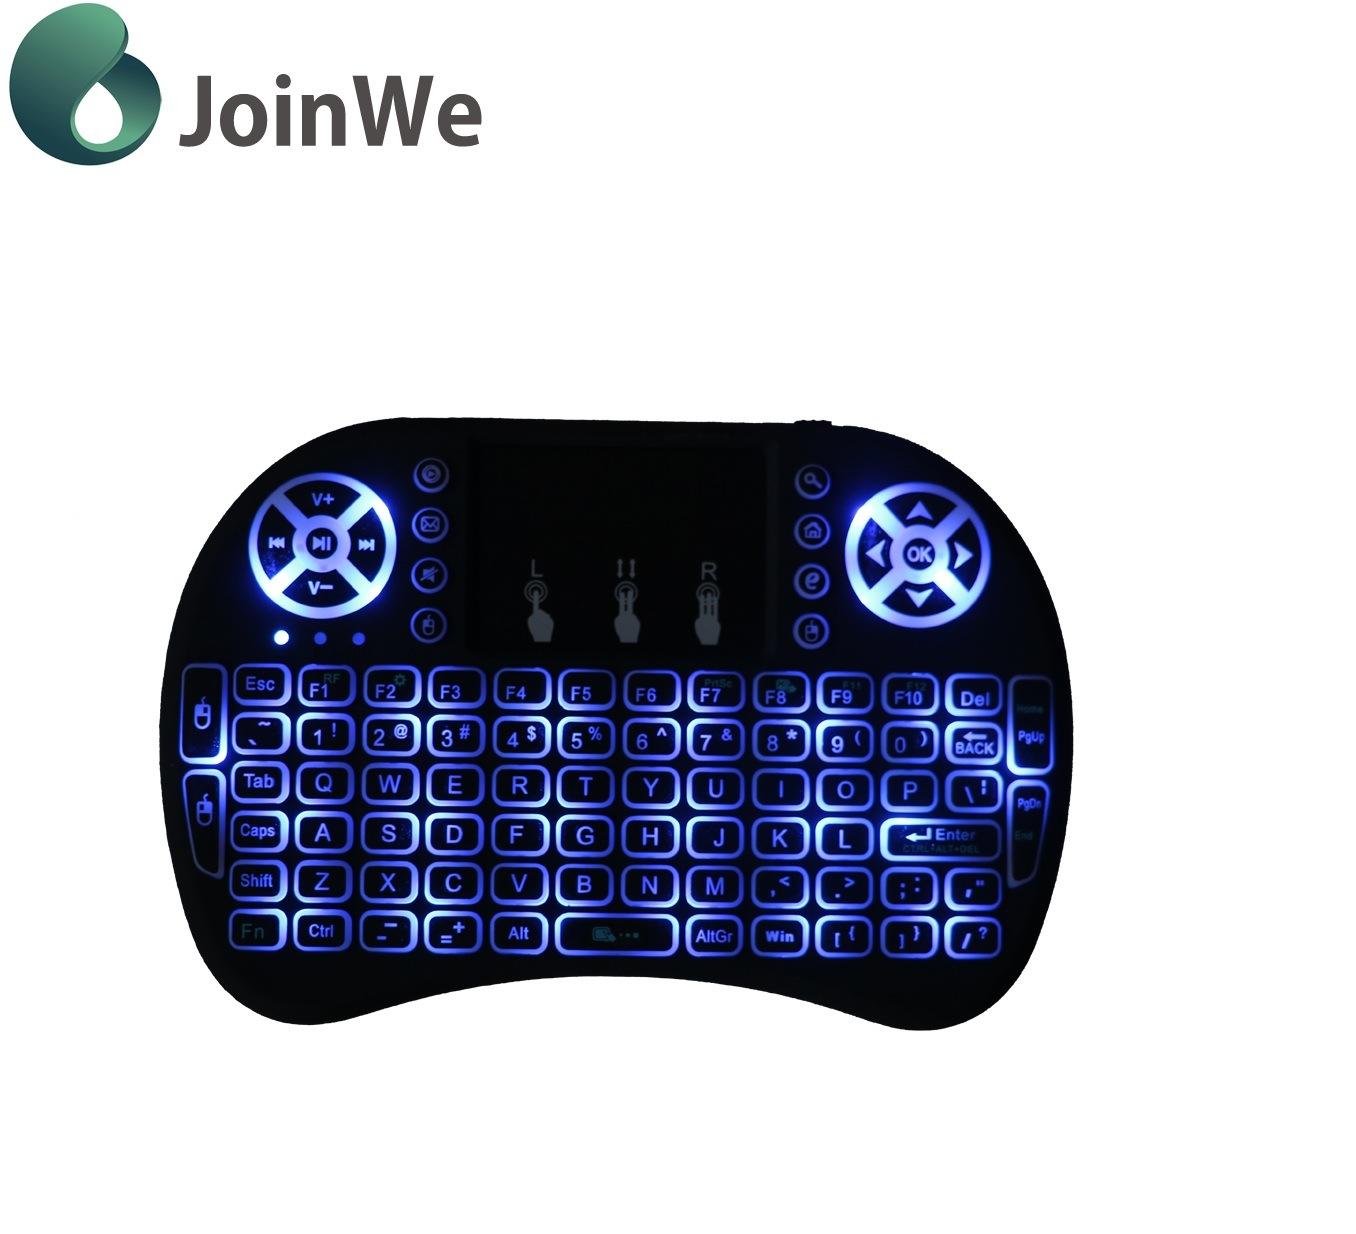 ebf4874c932 China 3 Colors I8 Mini Wireless Keyboard Backlit 2.4G Wireless ...